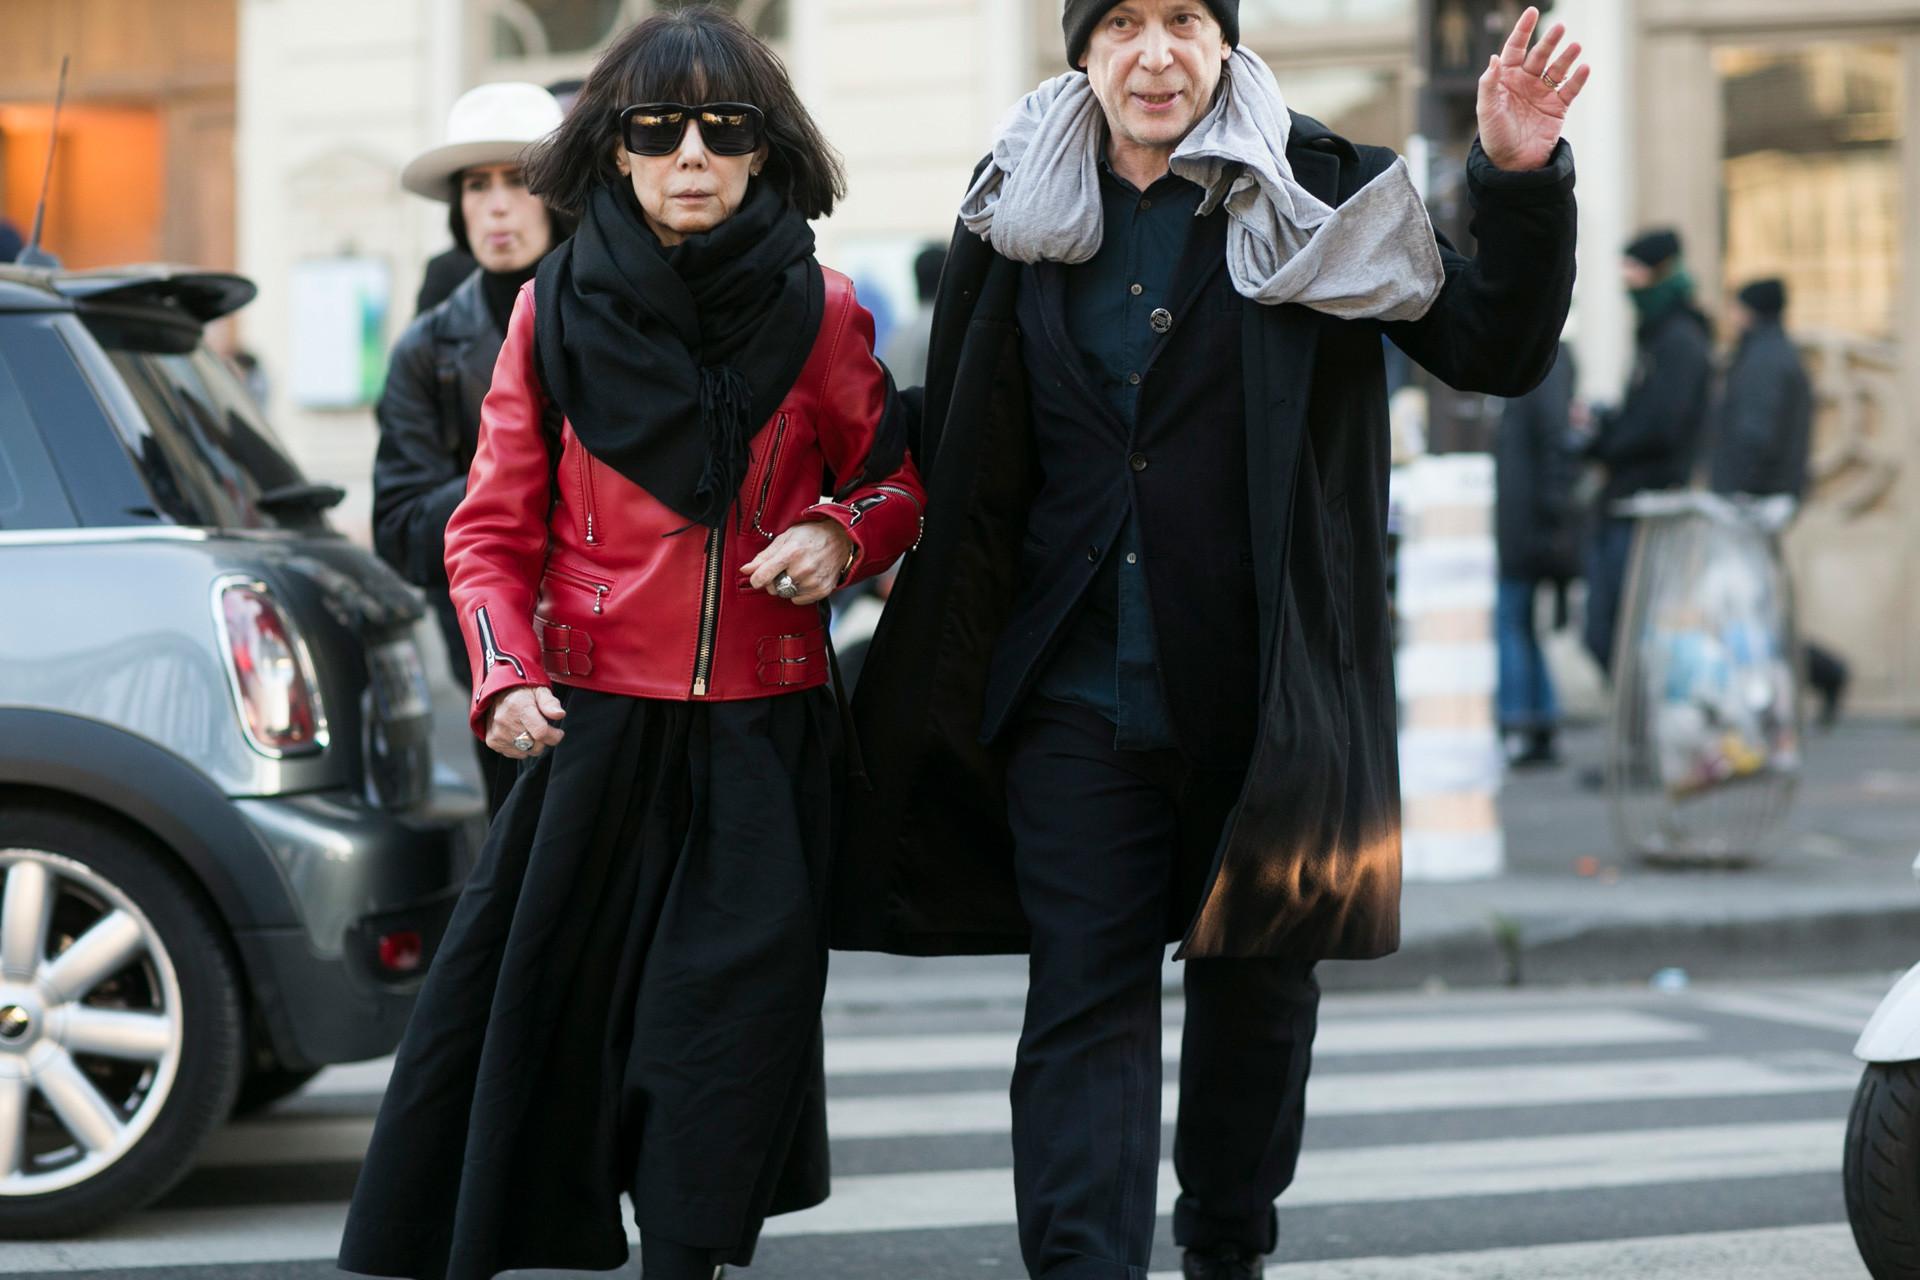 La directora creativa de Comme des Garcons, Rei Kawakubo y el presidente de  Dover Street Market y Comme des Garcons, Adrian Joffe, saliendo de una muestra de Gosha Rubchinski el 21 de enero de 2016, en París.